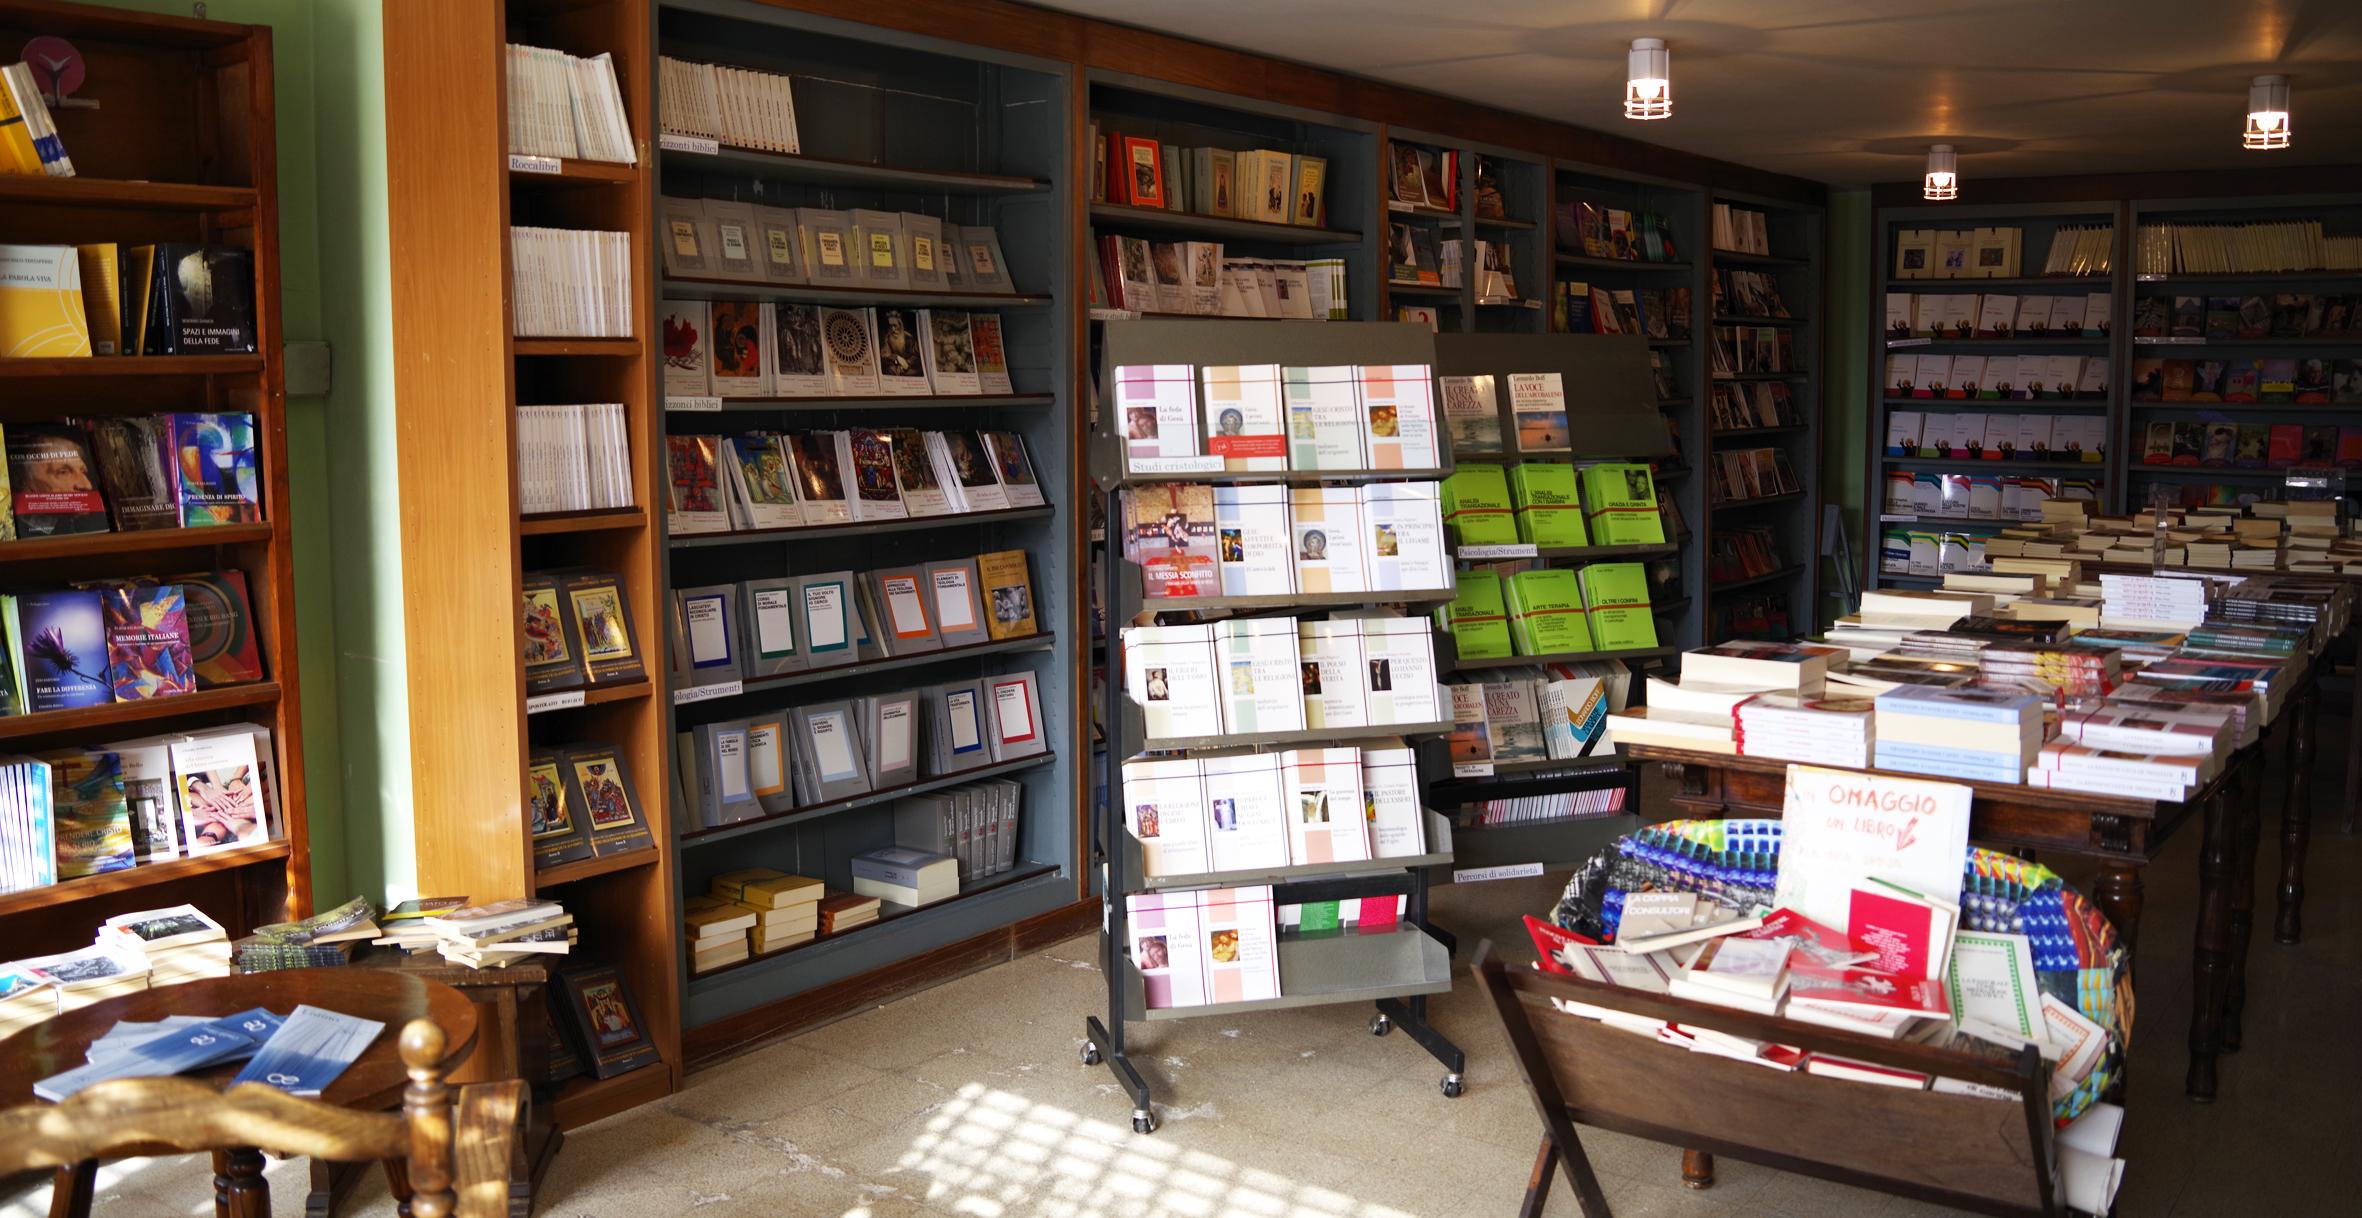 Libreria 2 cittadella di assisi cittadella ospitalità della pro